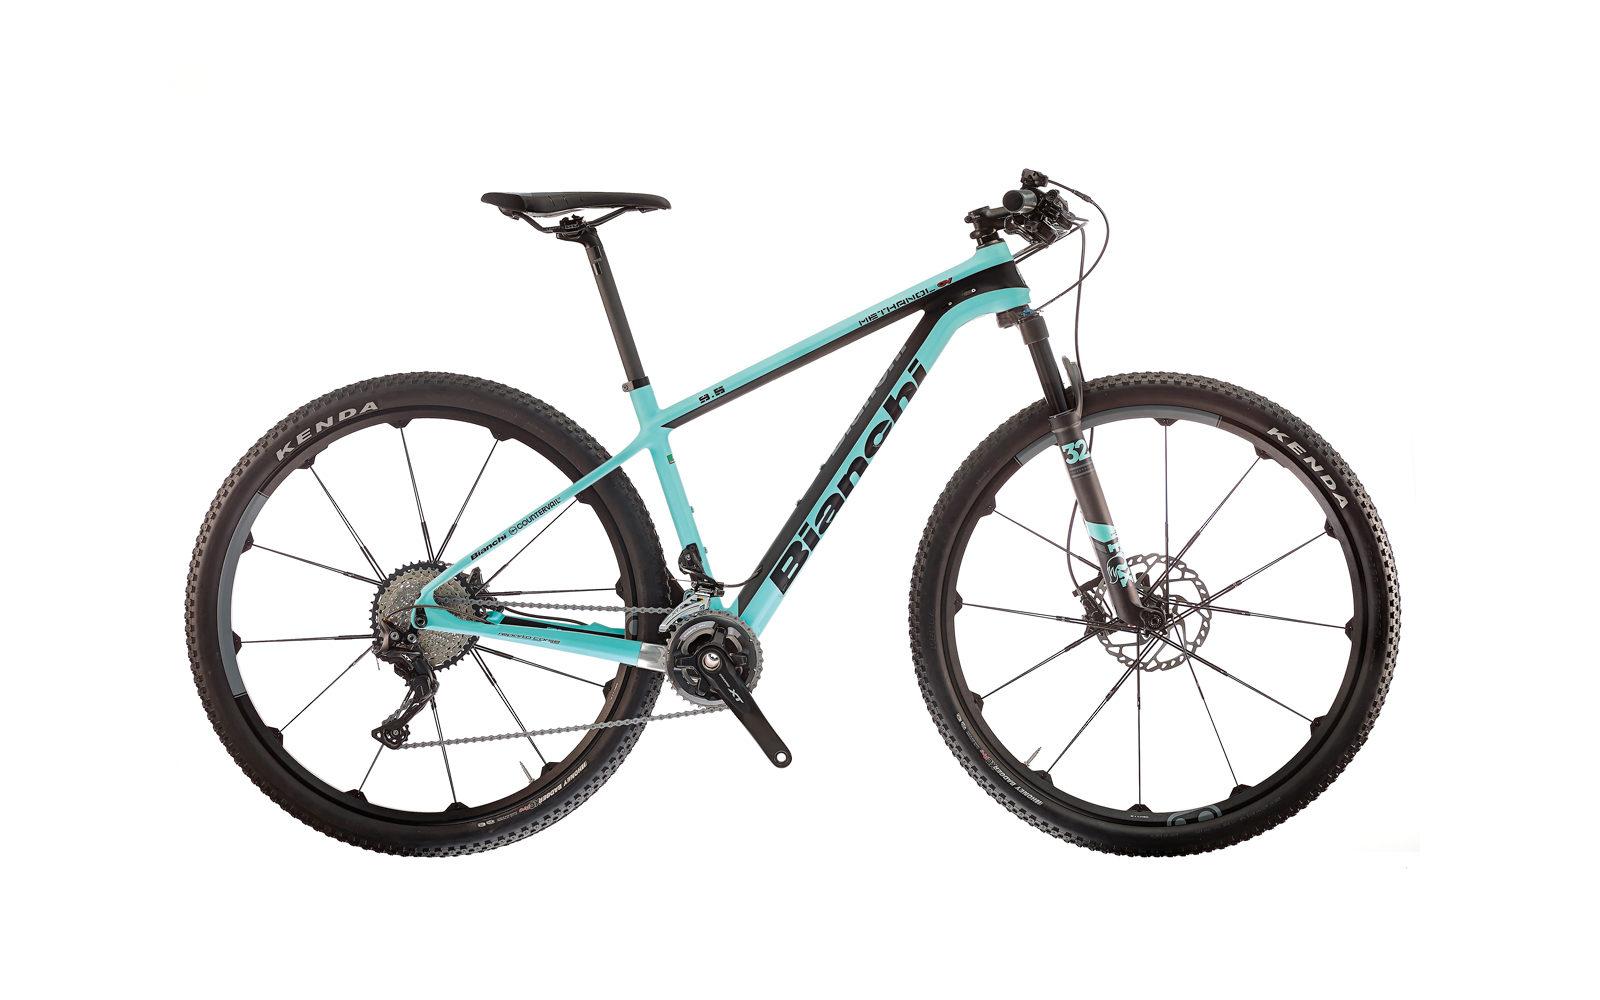 Bianchi Methanol CV 9.5, la bici usata dalle atlete top, con sistema integrato CV che elimina le vibrazioni e geometria racing, disponibile anche in taglia 38 per le più minute, euro 3690